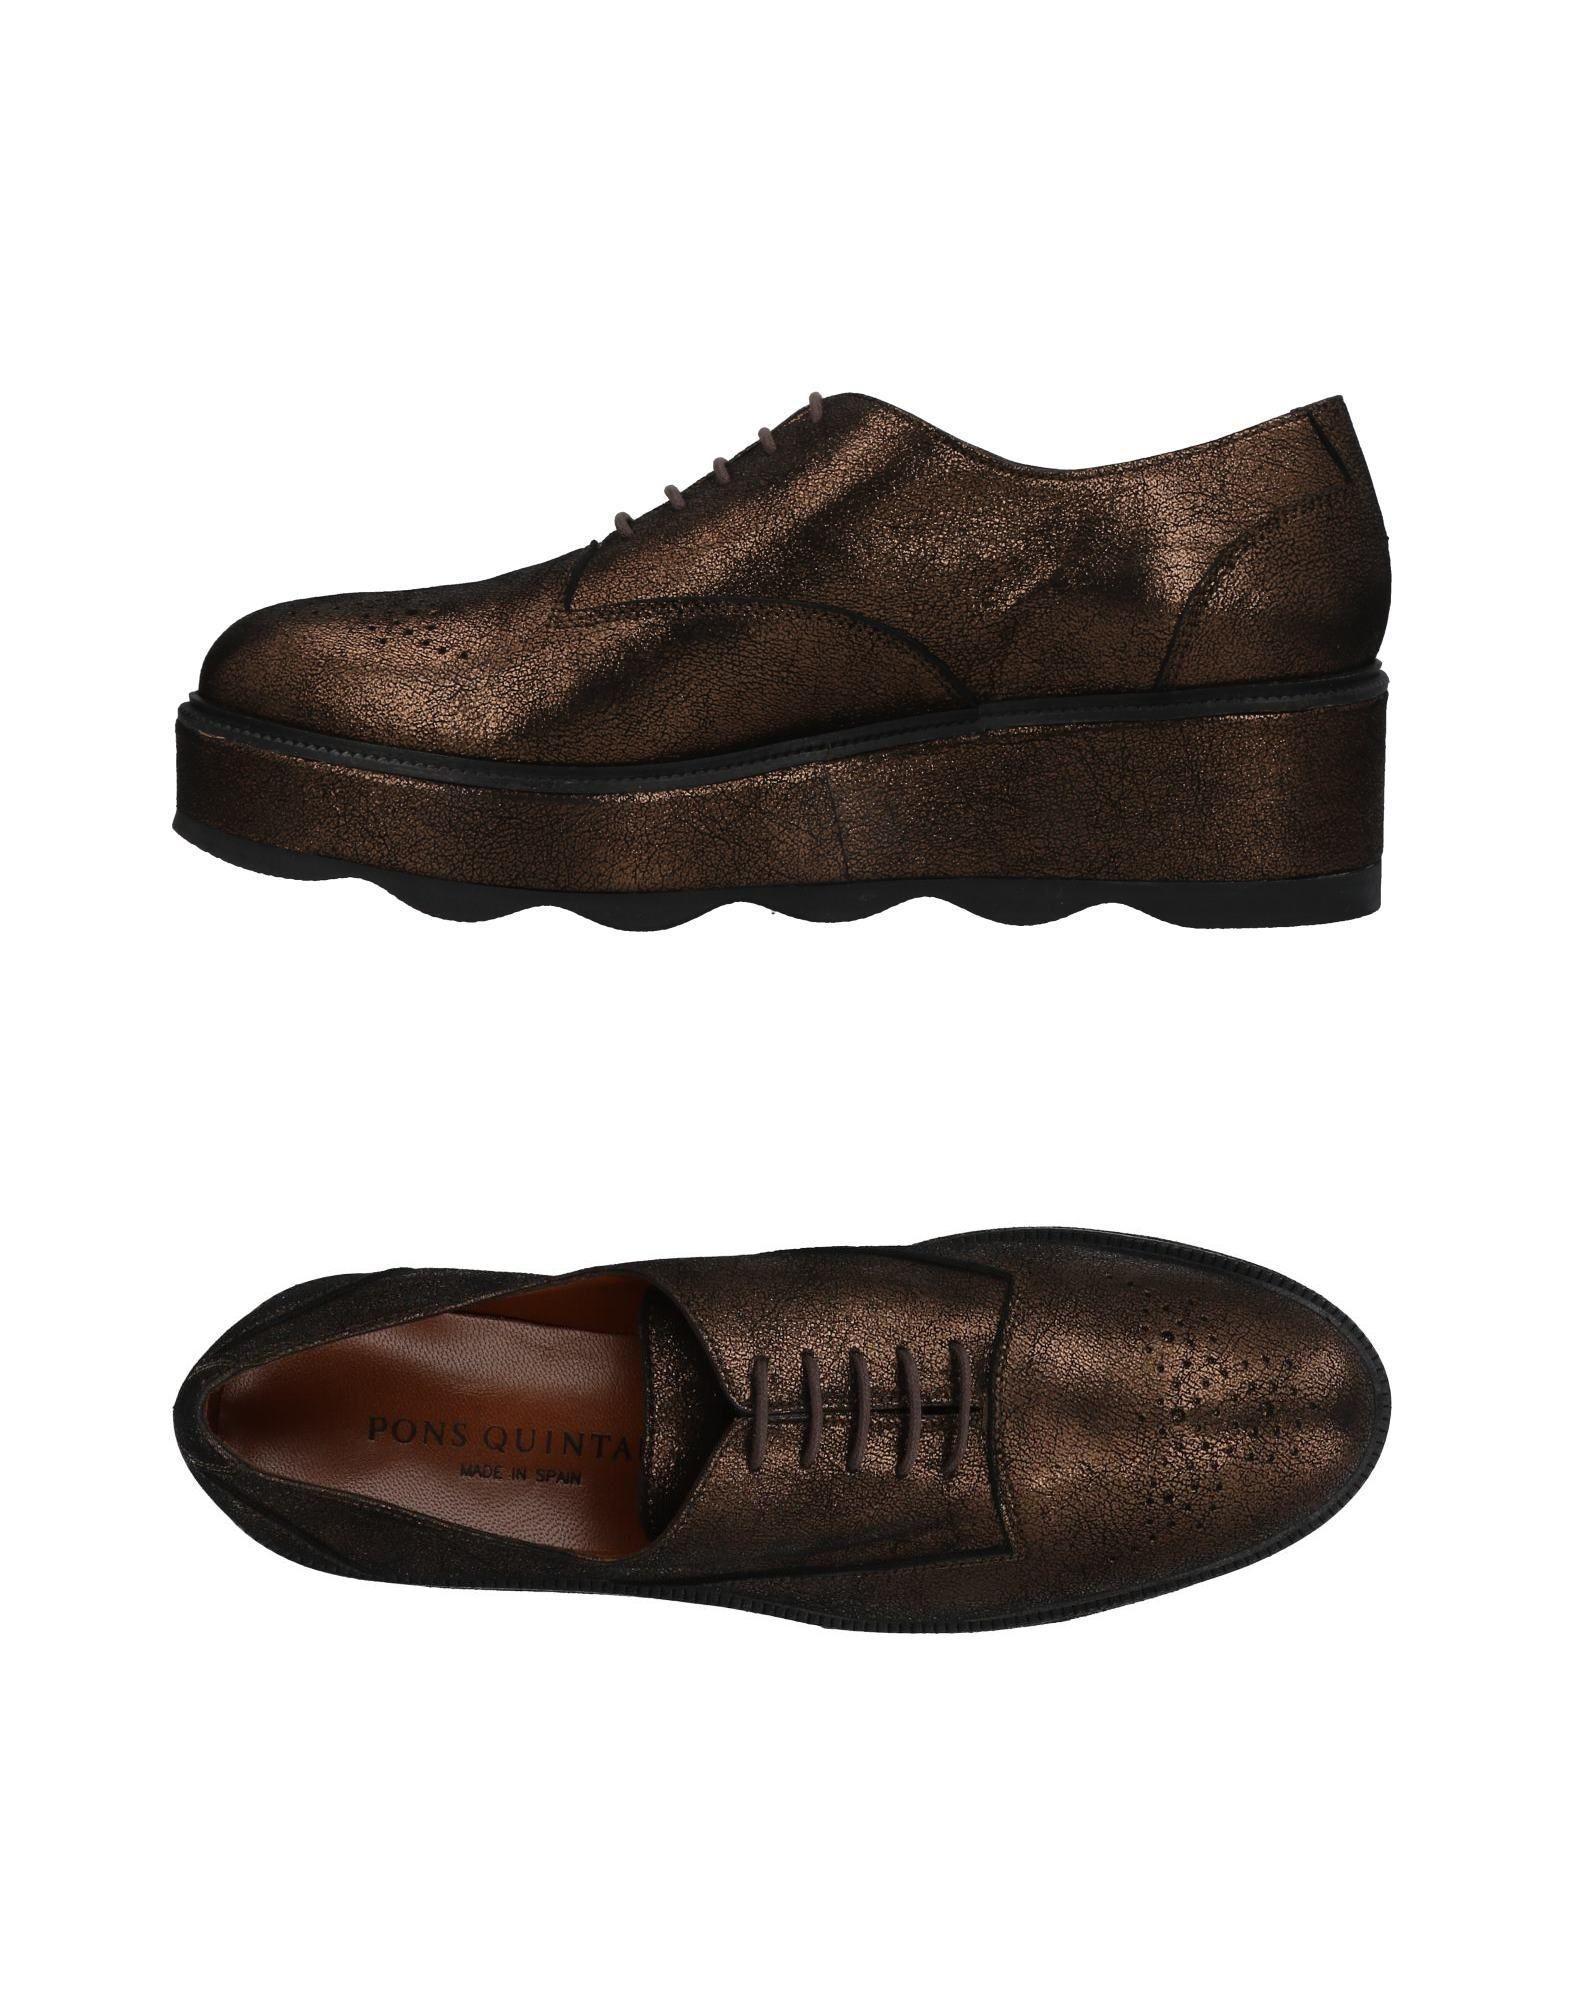 Gut um billige Schuhe Damen zu tragenPons Quintana Schnürschuhe Damen Schuhe  11457788NV 6613ea